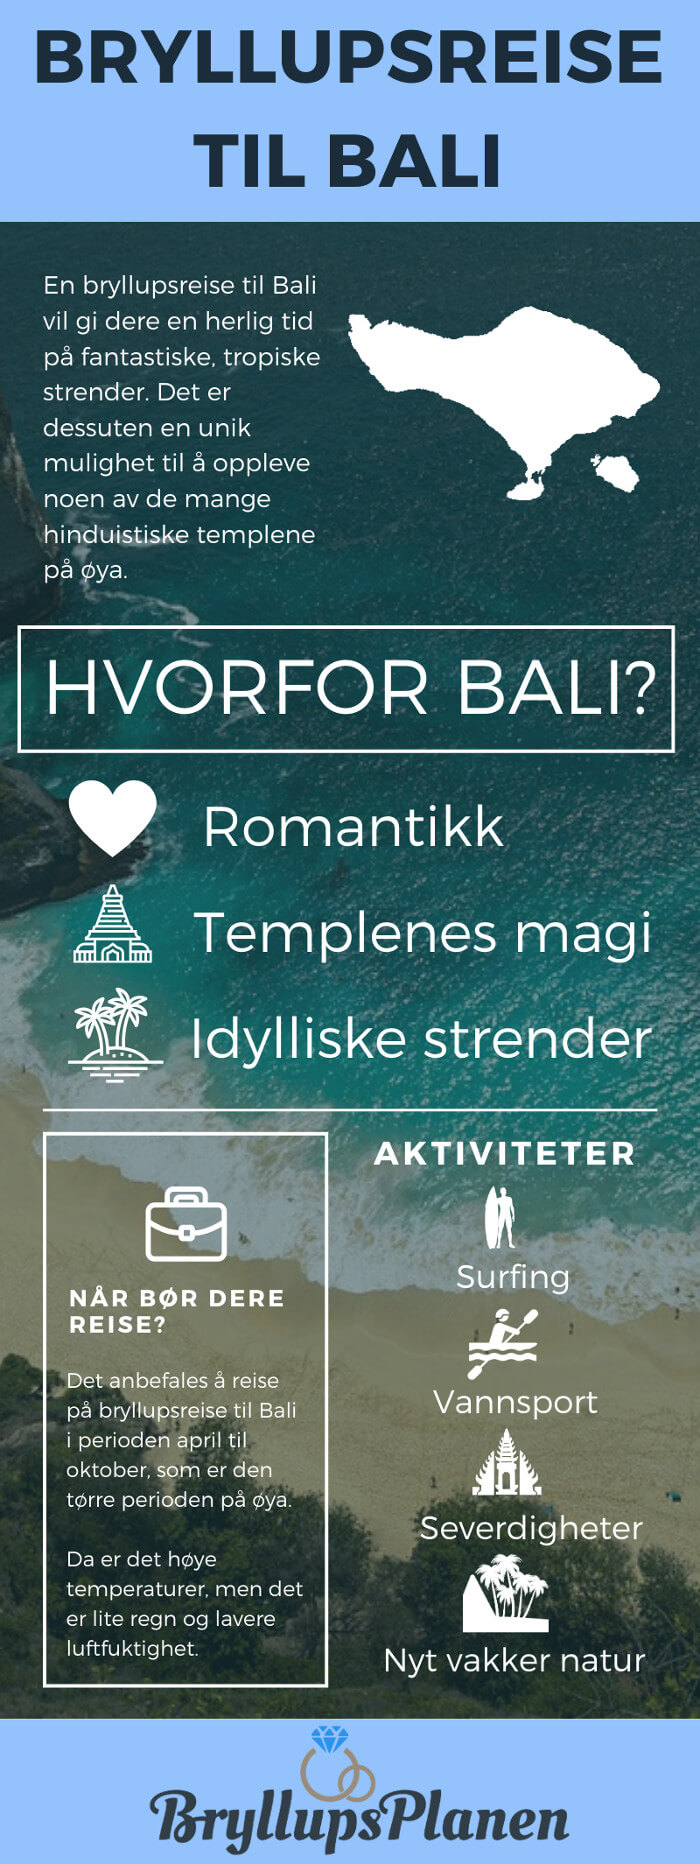 Infographic - bryllupsreise til Bali.